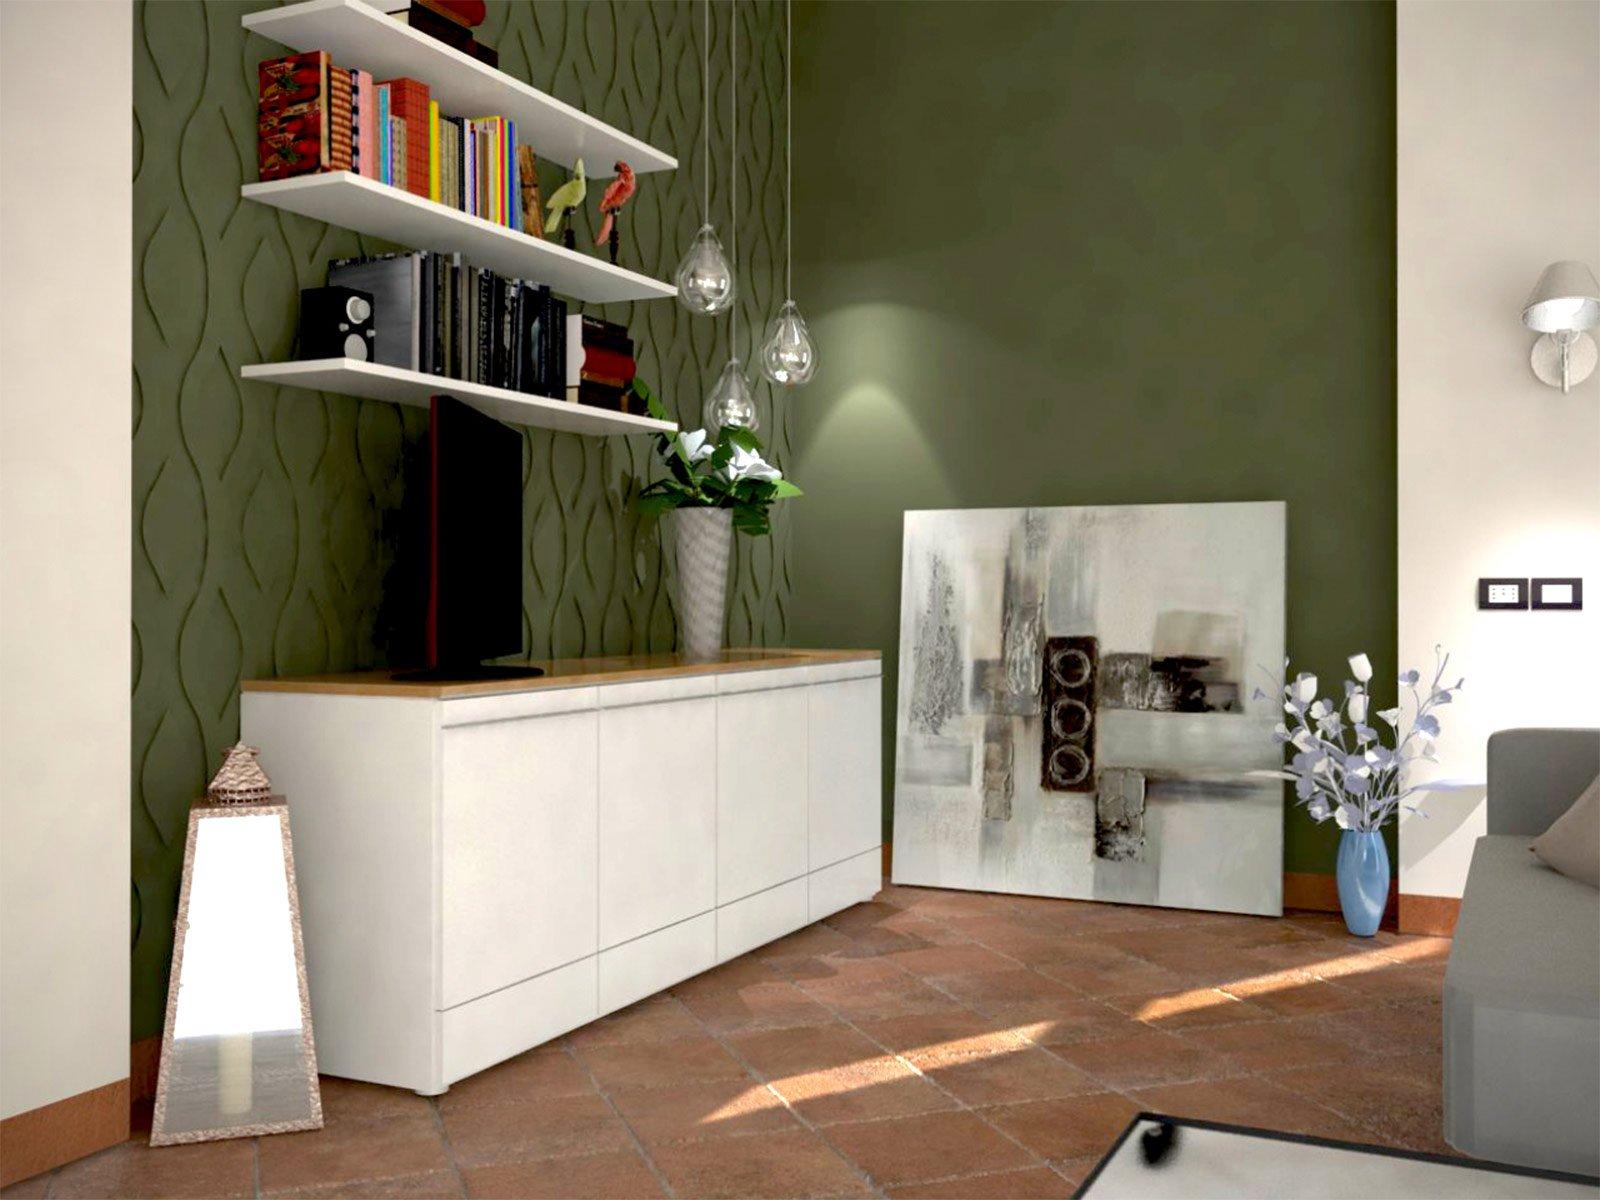 Pavimento in cotto e arredamento moderno cose di casa for Pavimenti per cucina e soggiorno